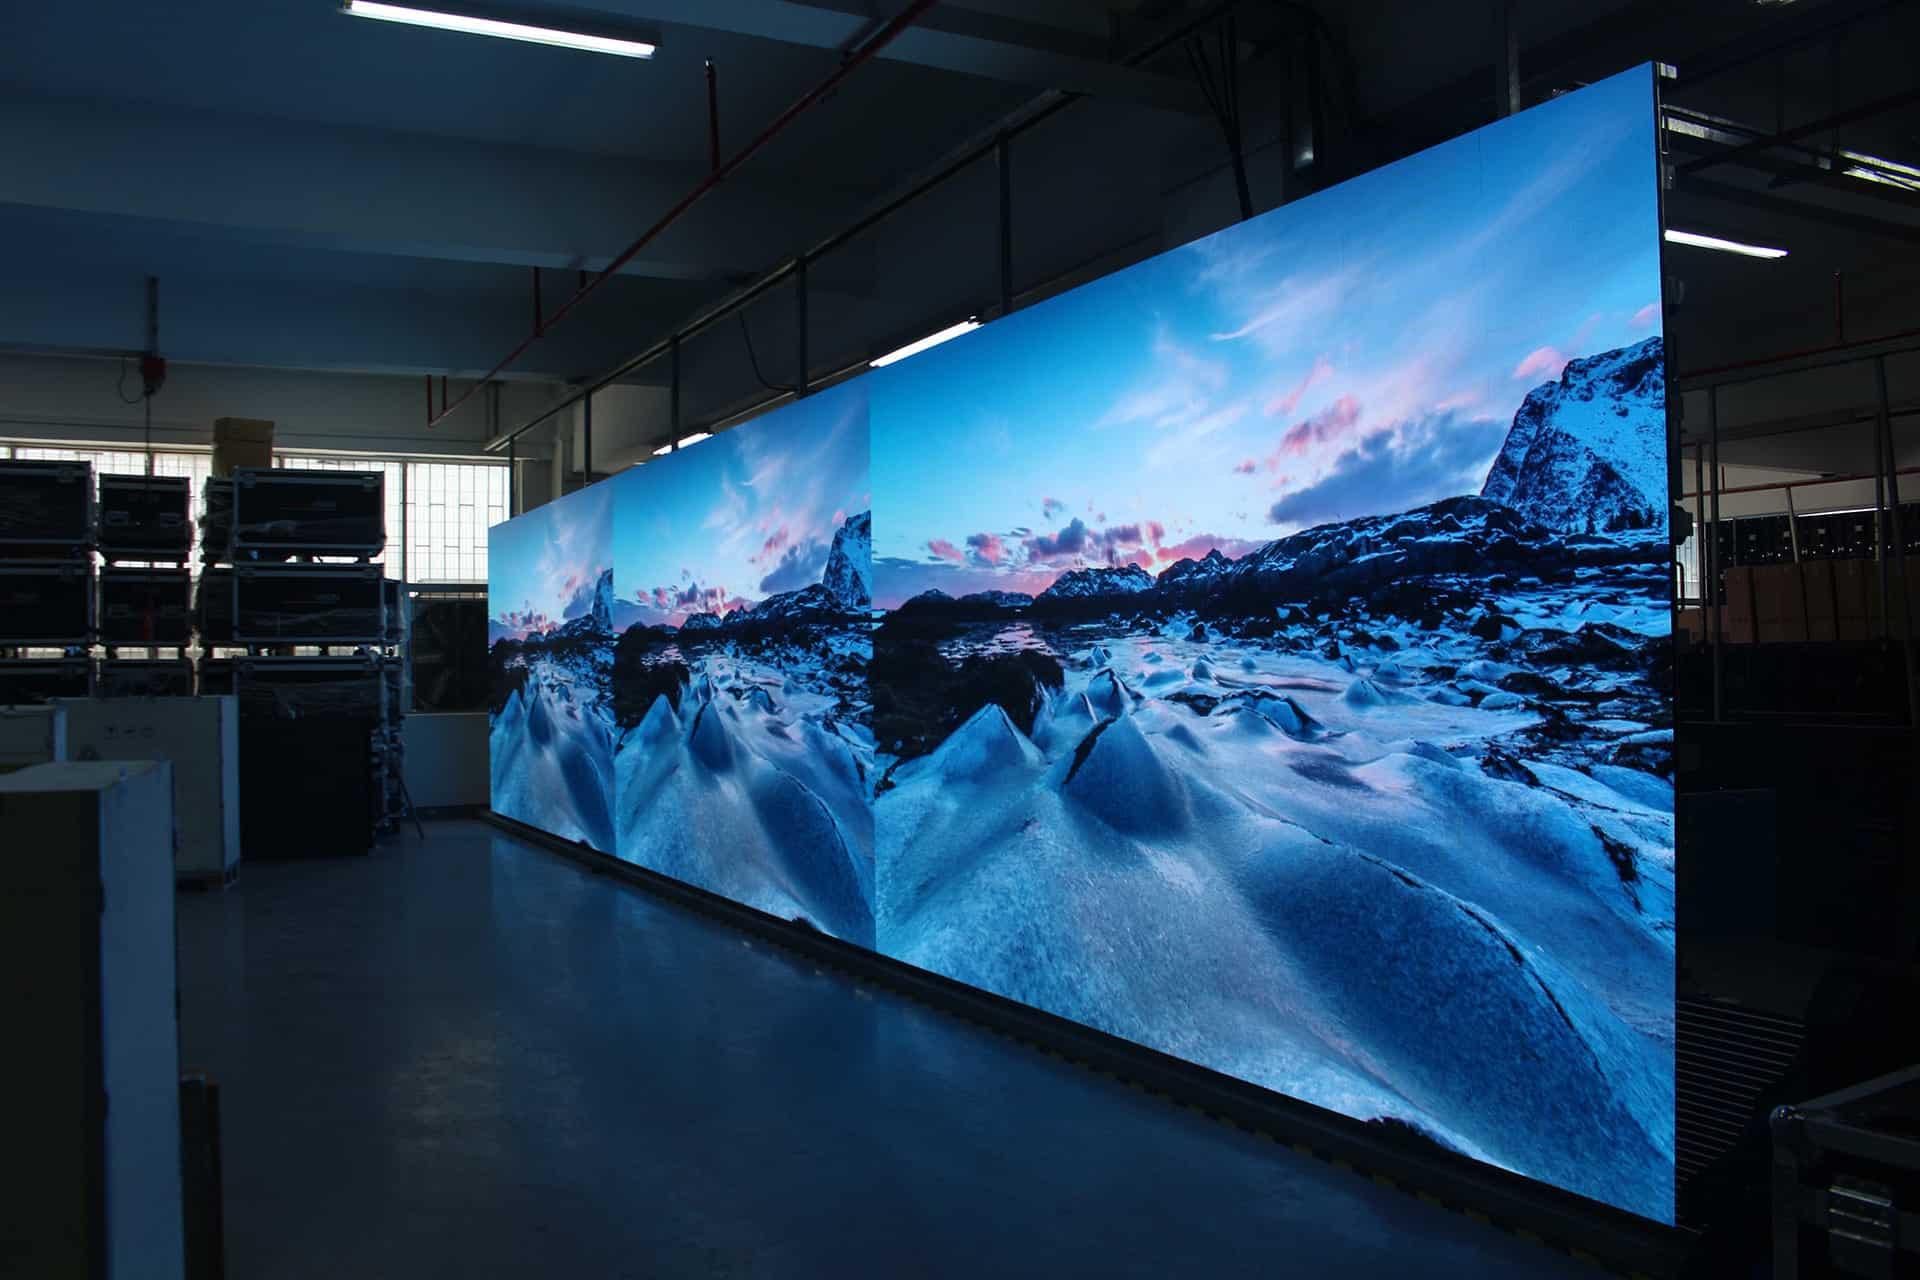 从Infocomm展看LED显示屏未来发展:LED显示屏需成为独立终端